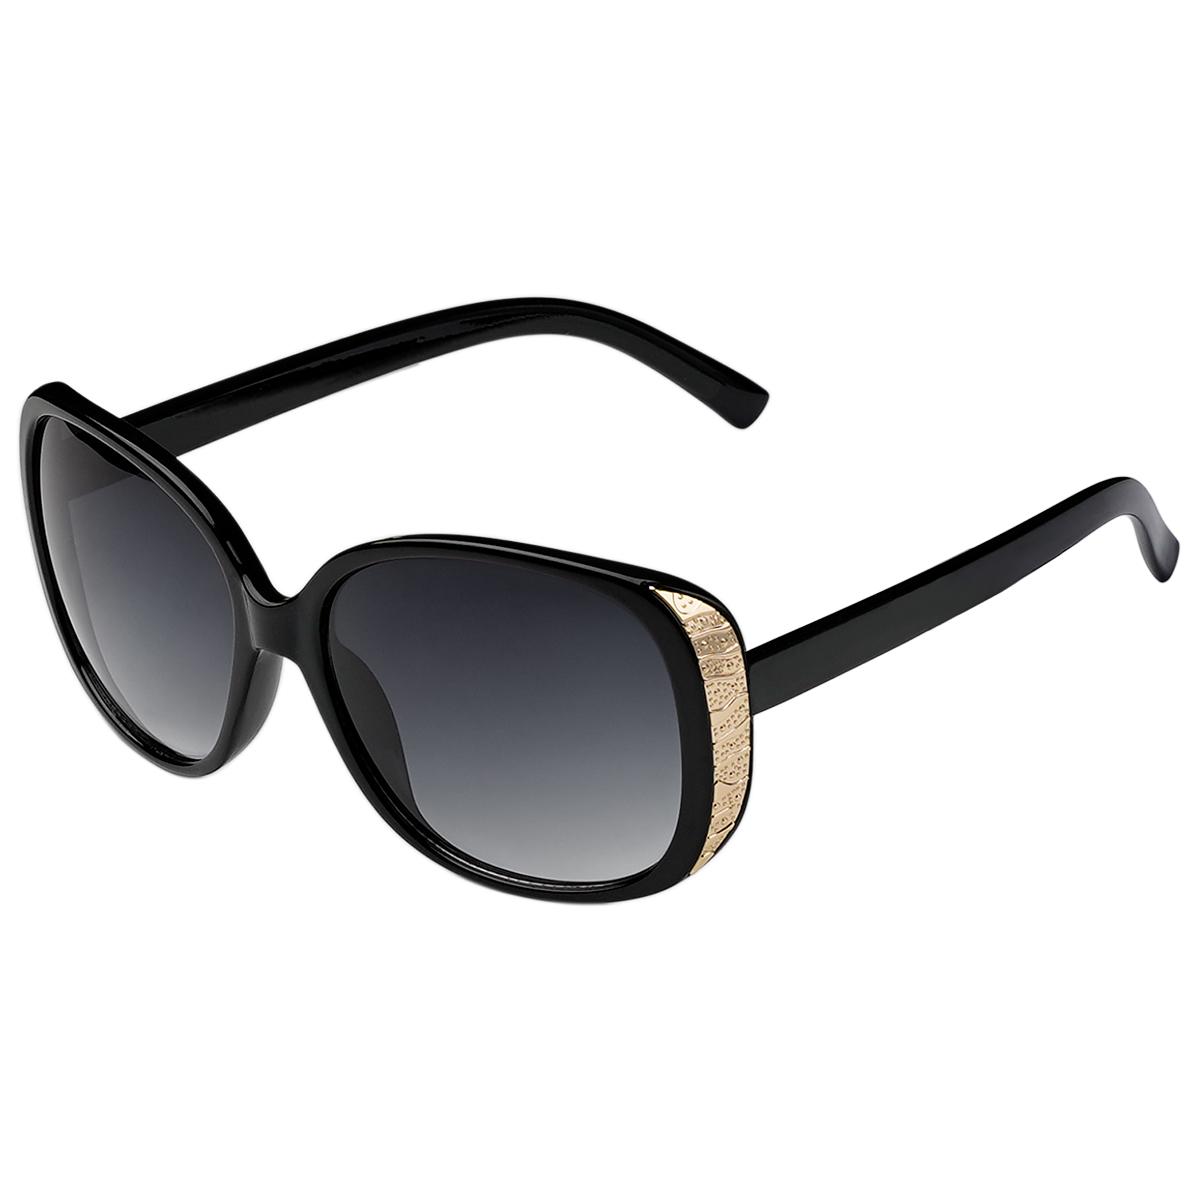 Sonnenbrille new edge schwarz und silber